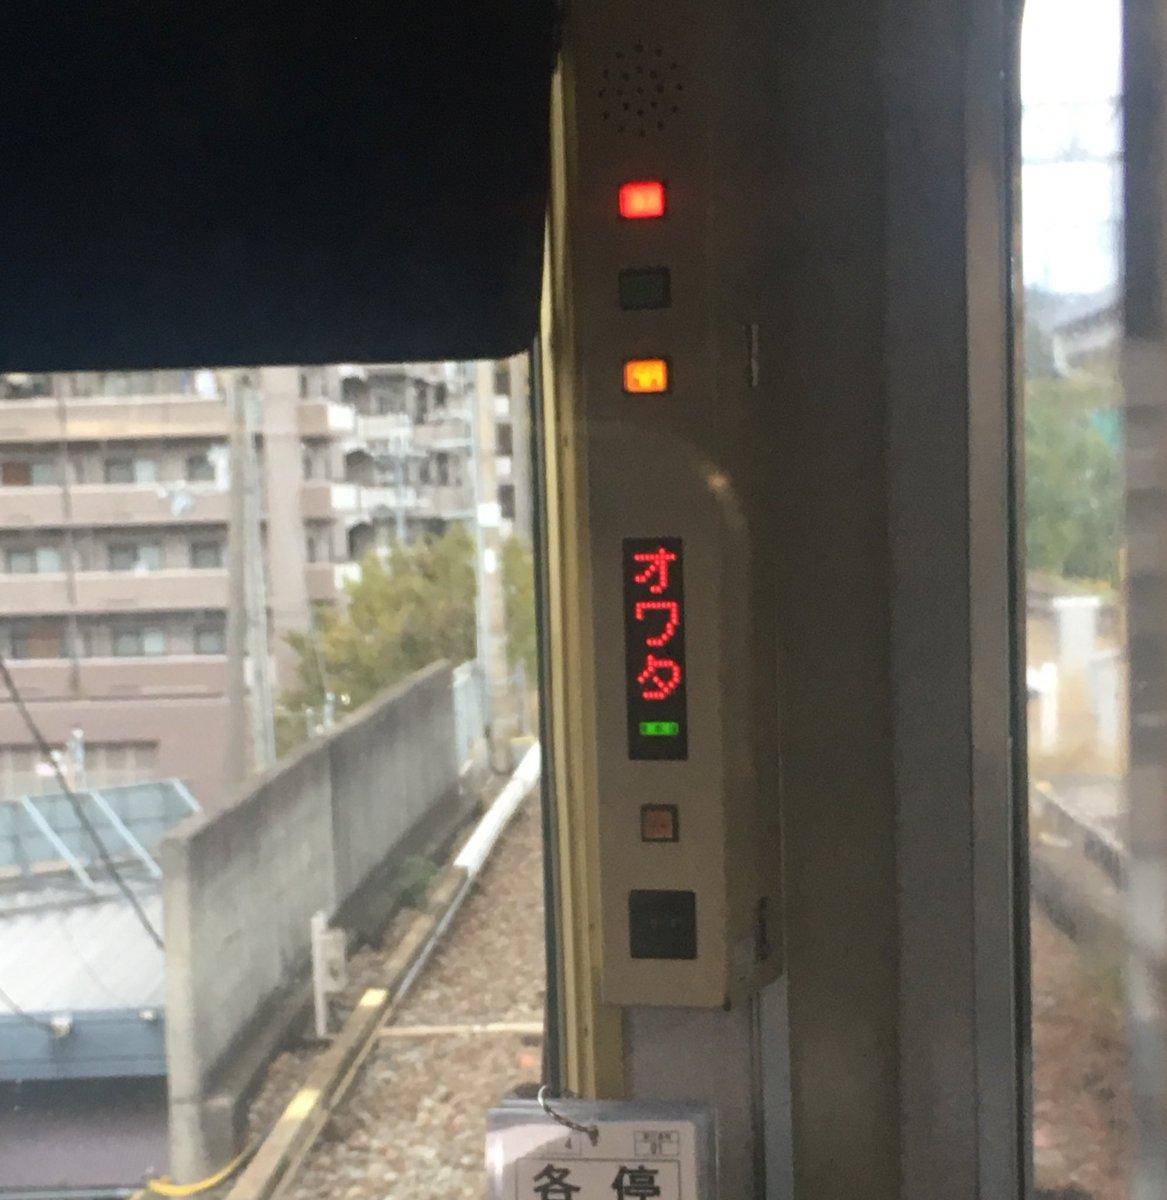 【人生オワタ\(^o^)/?】電車に乗っていたら「オワタ」と面白い表示が なぜ表示された? 近鉄田原本線